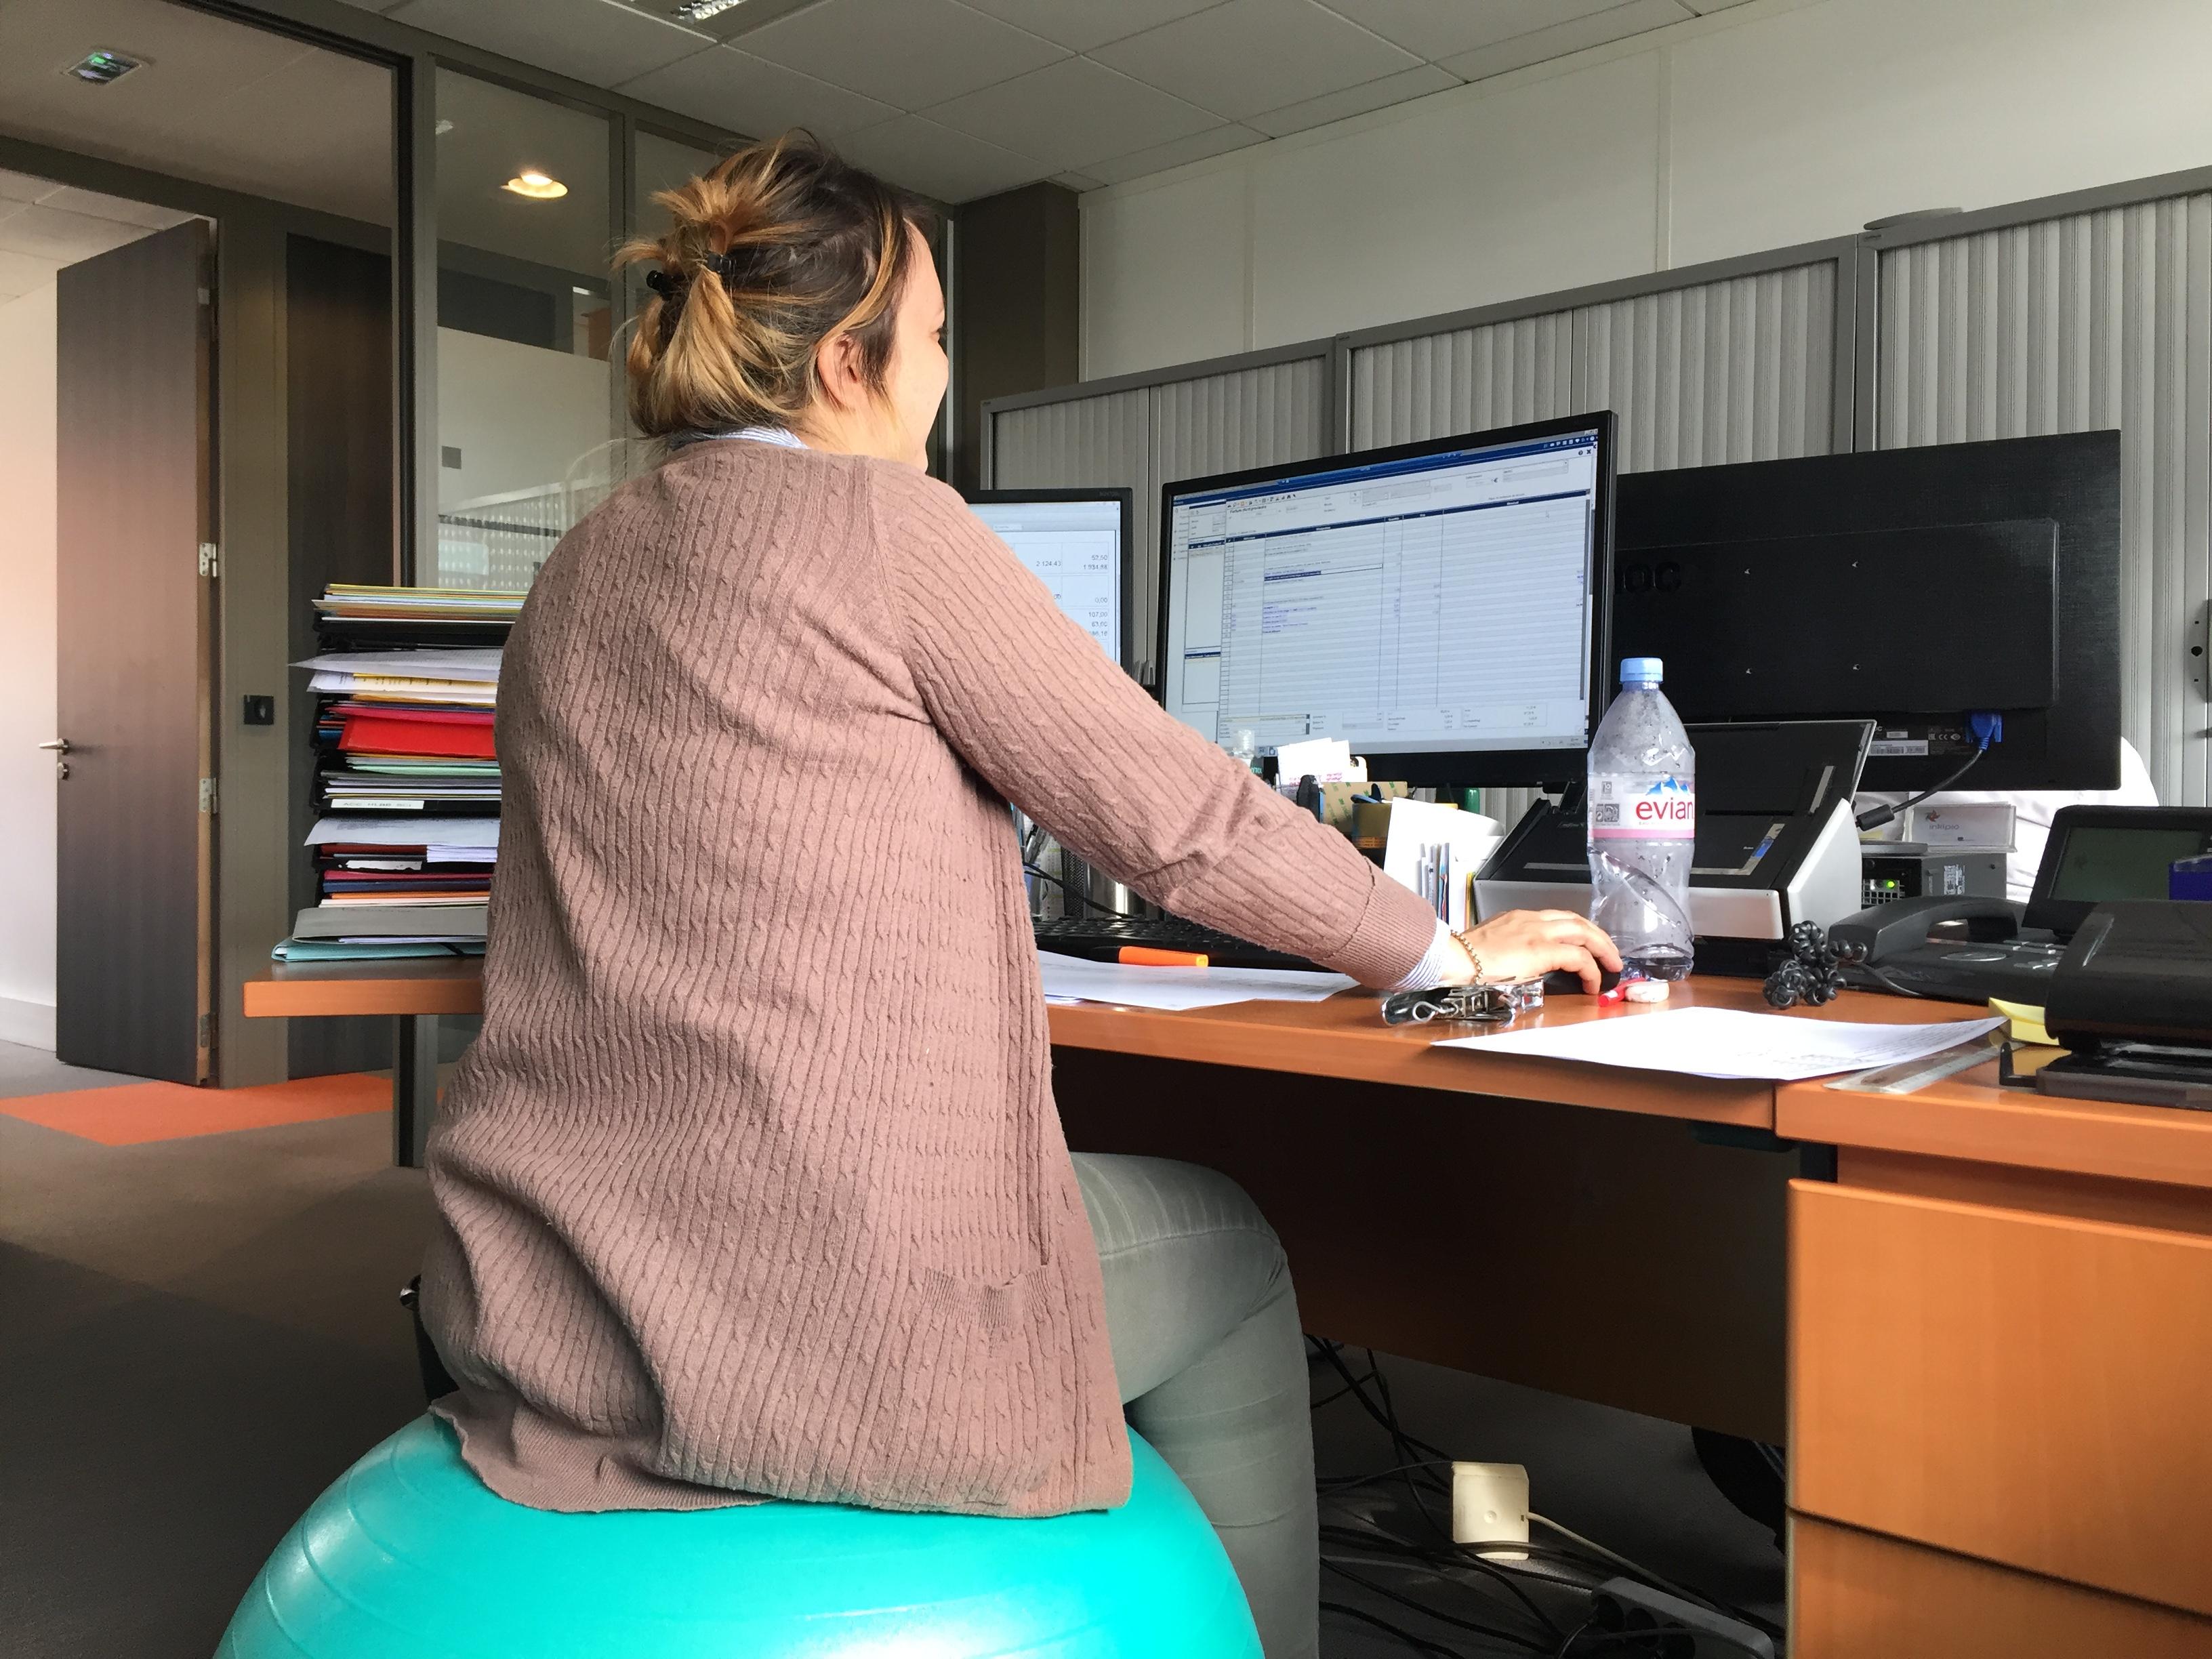 Bien-être au travail - Cabinet expert comptable Lyon